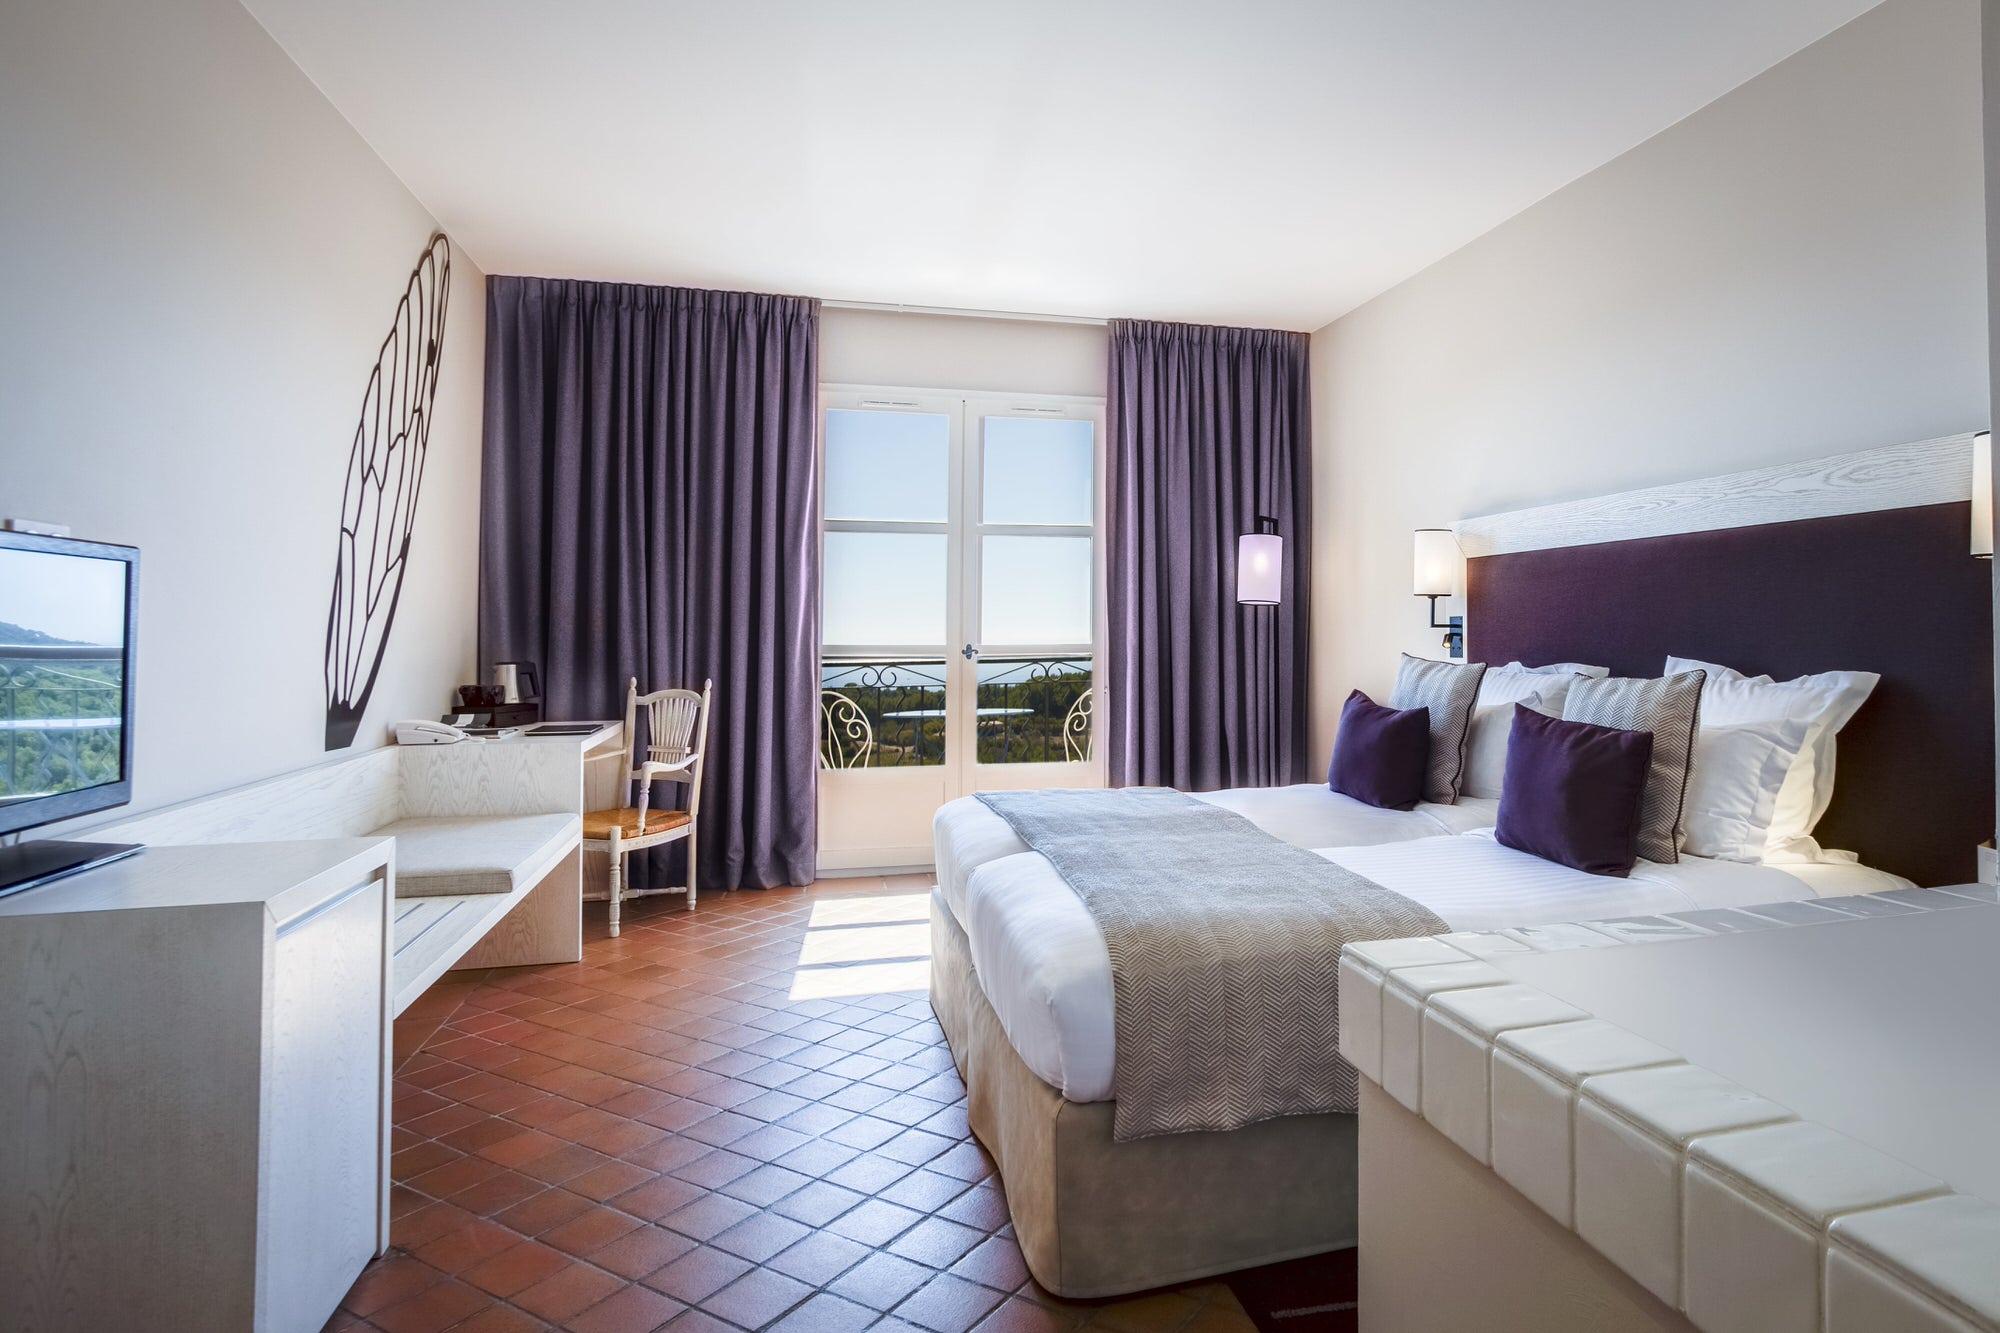 chambre d'hôtel au Dolce Fregate Provence. Vue de la chambre